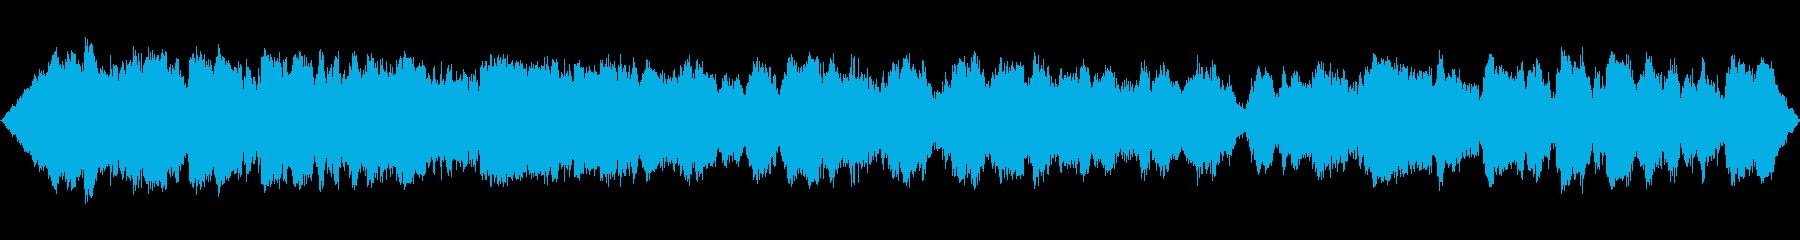 怒りの暴徒;ヴィンテージ録音;怒り...の再生済みの波形